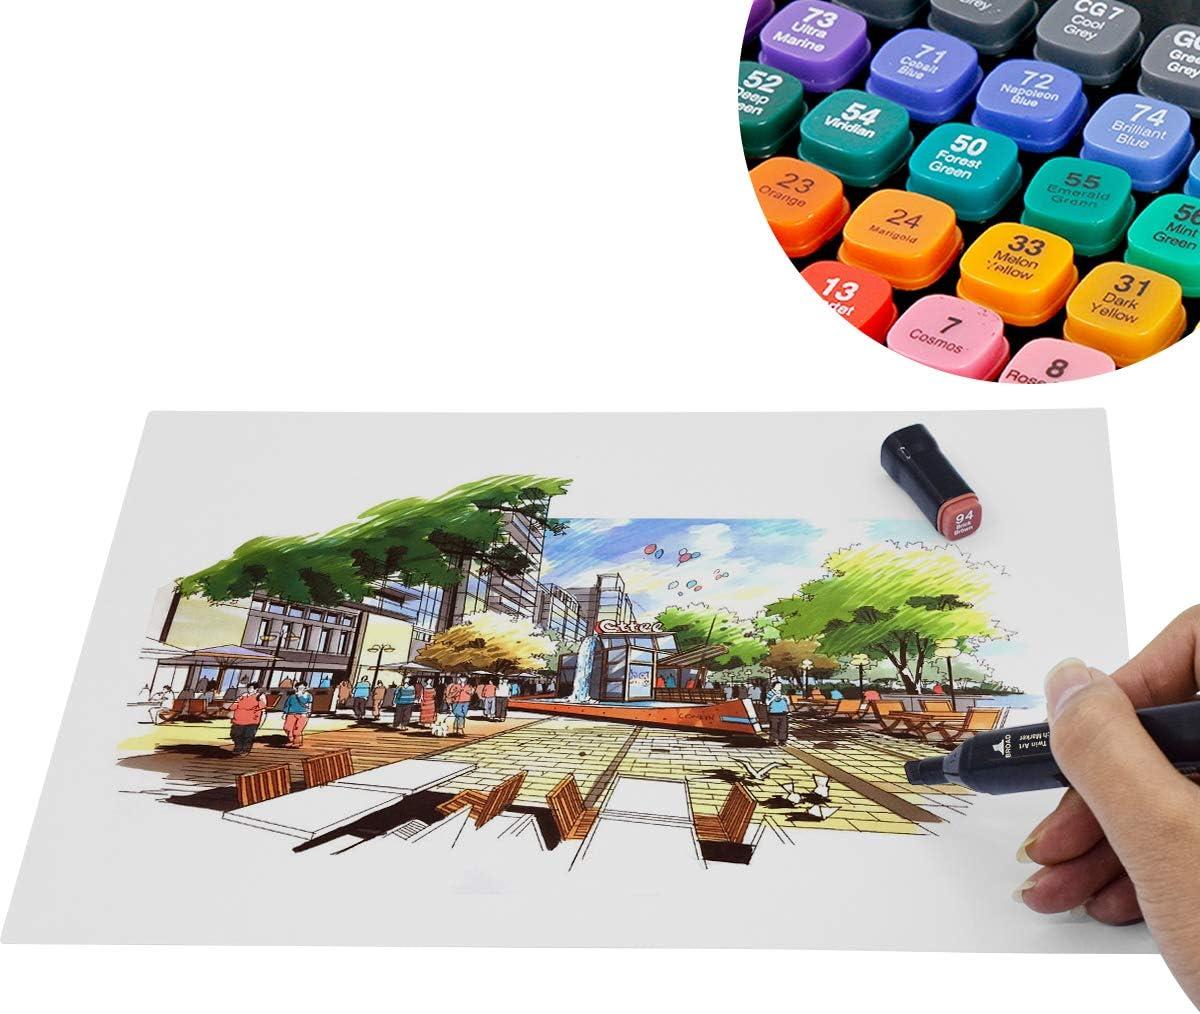 80 Couleurs Marqueurs Crayon de Feutre Marker Cr/éatif pour D/ébutants Graffiti DIY Art Esquisse SGS Certifi/és Markers Alcool Feutres /à Alcool Kit Double Pointe Stylo Marqueur d/'Aquarelle